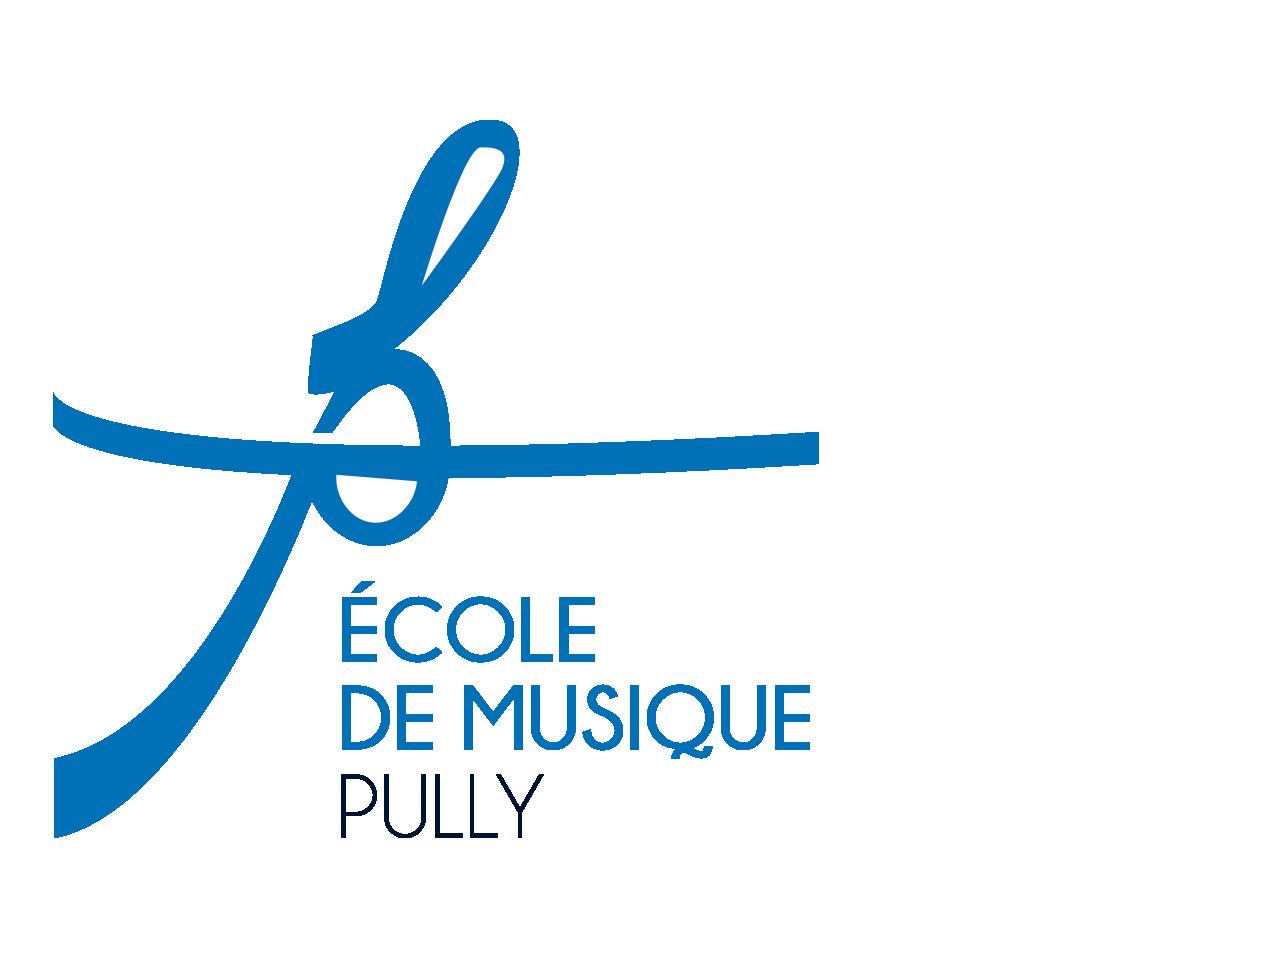 Ecole de musique Pully